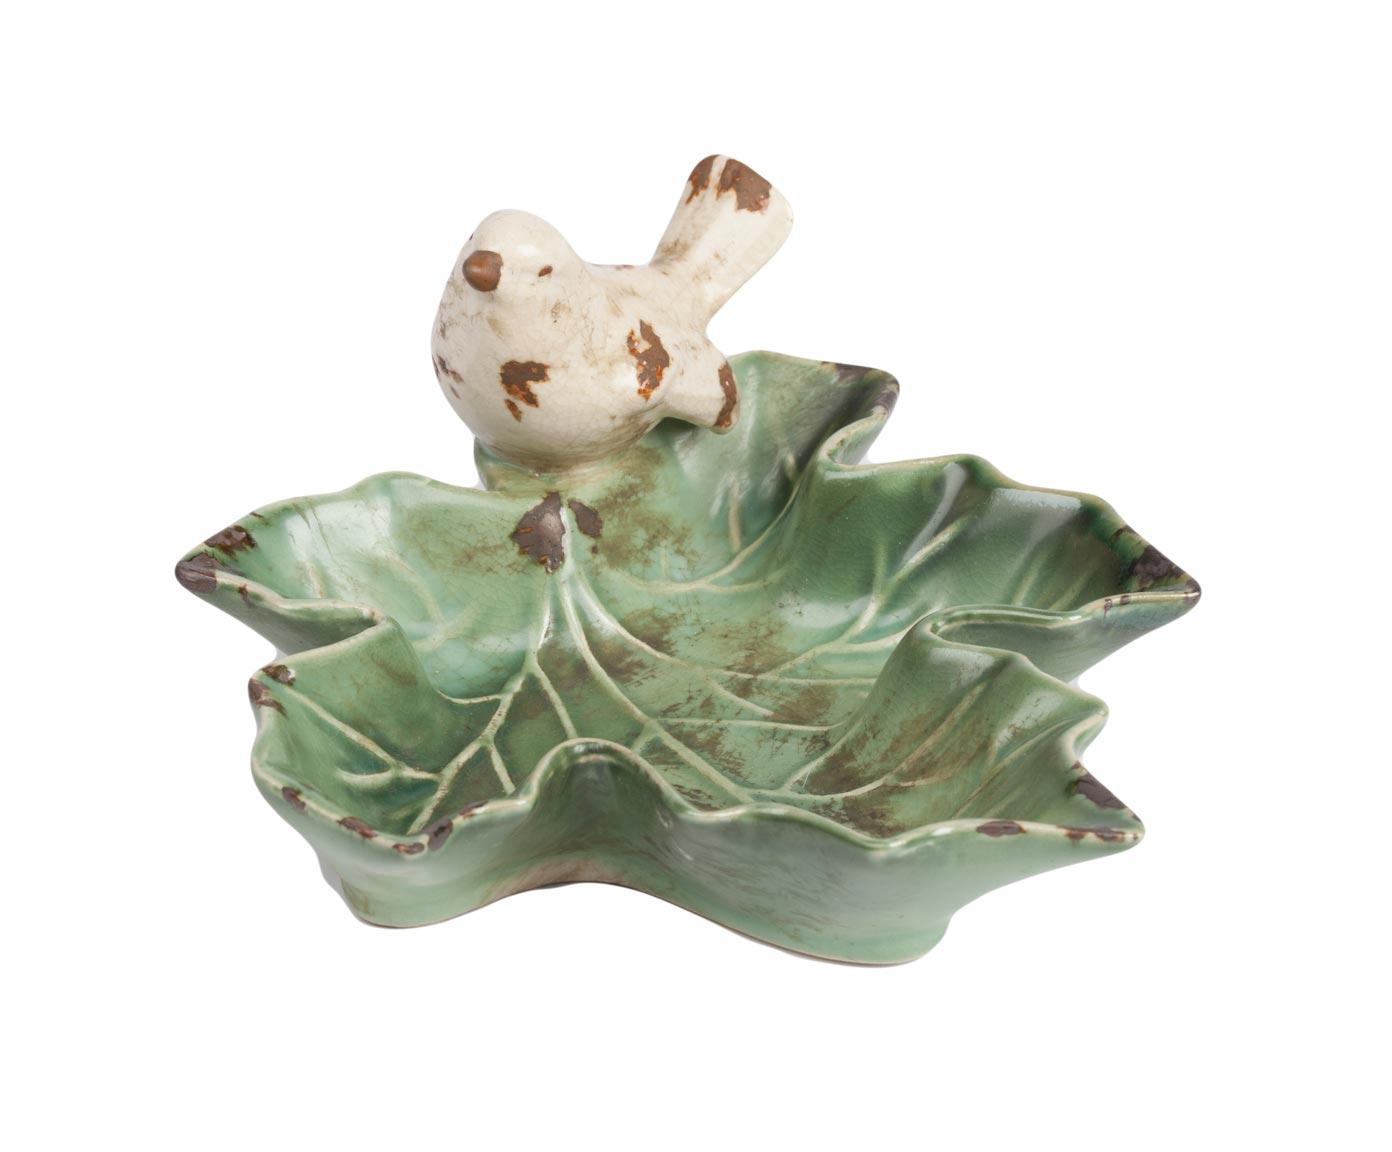 Декоративное блюдце для мелочей LeafДекор для дома<br>Стиль Прованс с каждым днем покоряет и <br>очаровывает все большее количество ценителей <br>классического оформления дома. Декоративное <br>блюдце для мелочей Leaf (Лист), выполненное <br>в виде зелёного листика с сидящей на нем <br>птичкой, идеально впишется в лаконичный, <br>но аристократически изысканный интерьер <br>и поможет создать порядок. Аксессуар изготовлен <br>из керамики и по всей поверхности имеет <br>искусственные потертости, что придаёт ему <br>винтажный вид. Идеально подходит для хранения <br>украшений, ключей и милых безделушек.<br><br>Цвет: Зелёный<br>Материал: Грубая керамика<br>Вес кг: 0,2<br>Длина см: 14